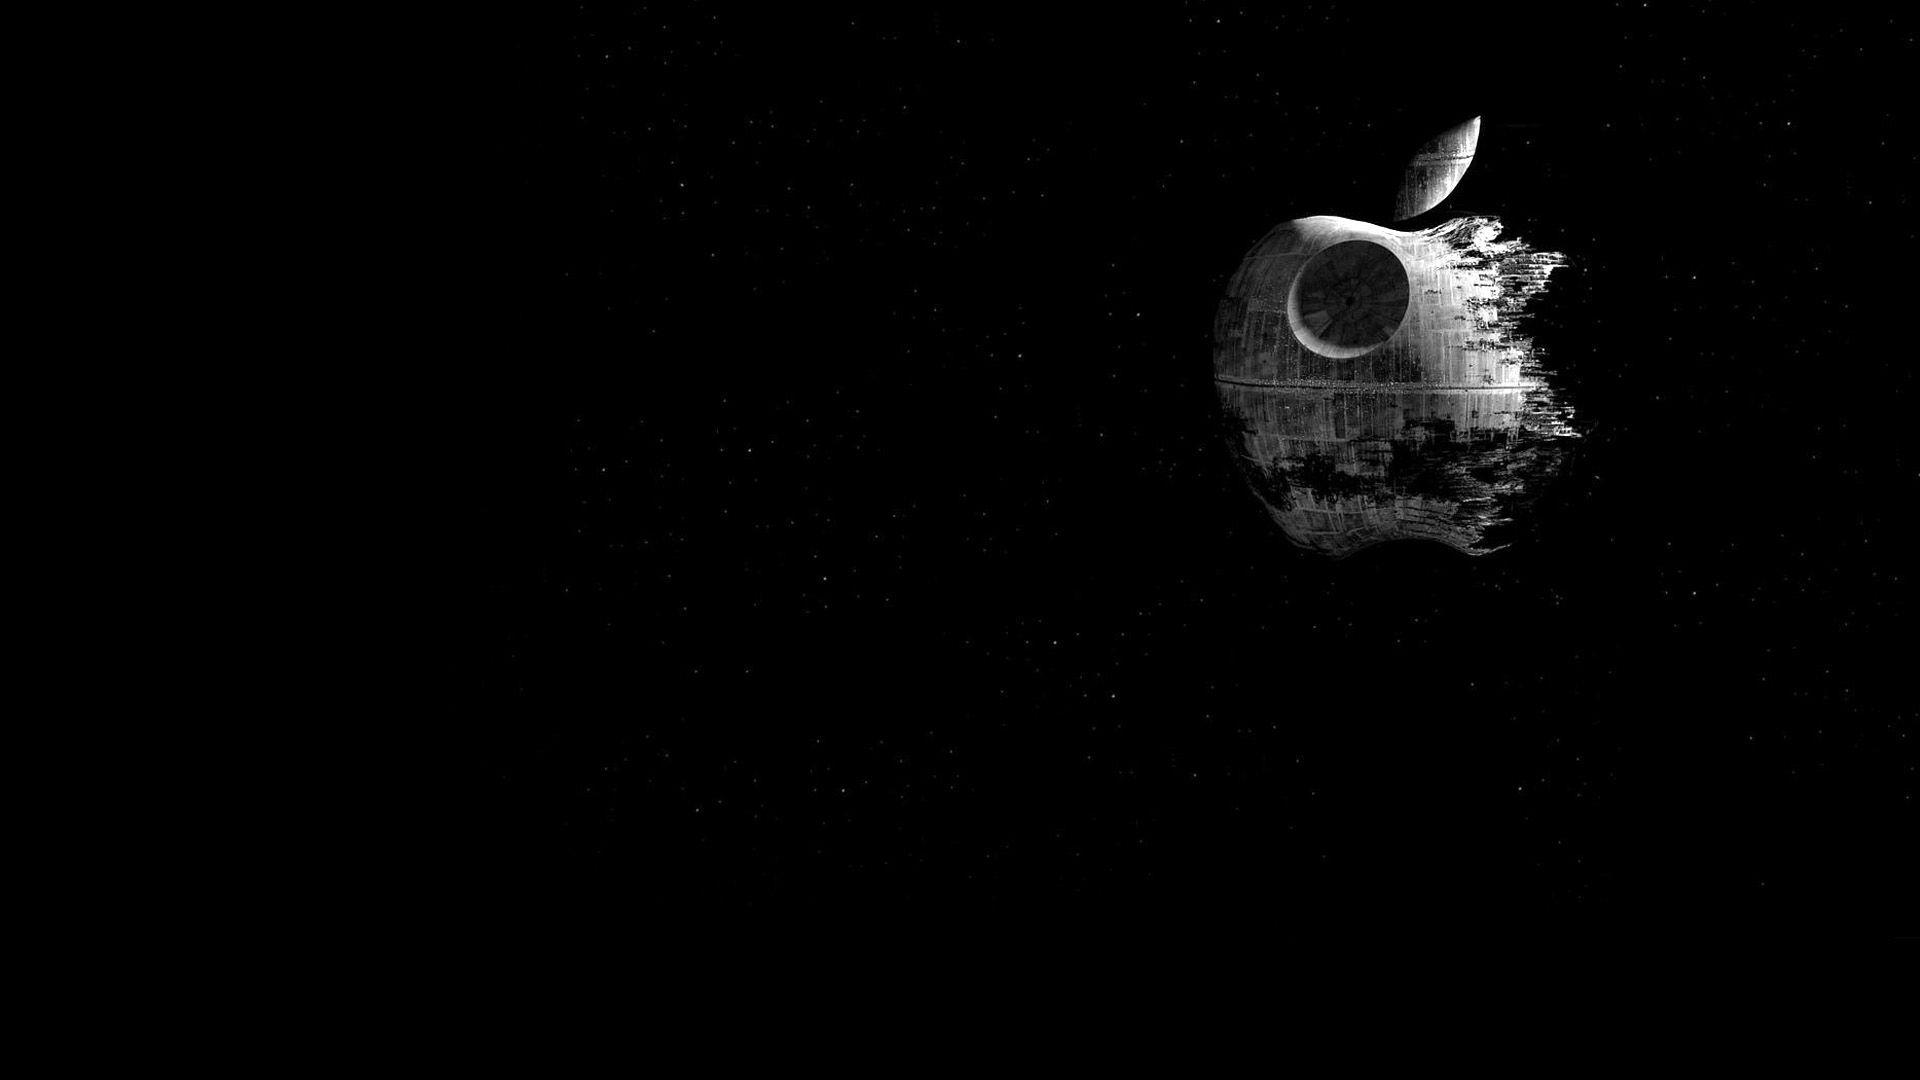 Death Star 1920x1080 wallpaper